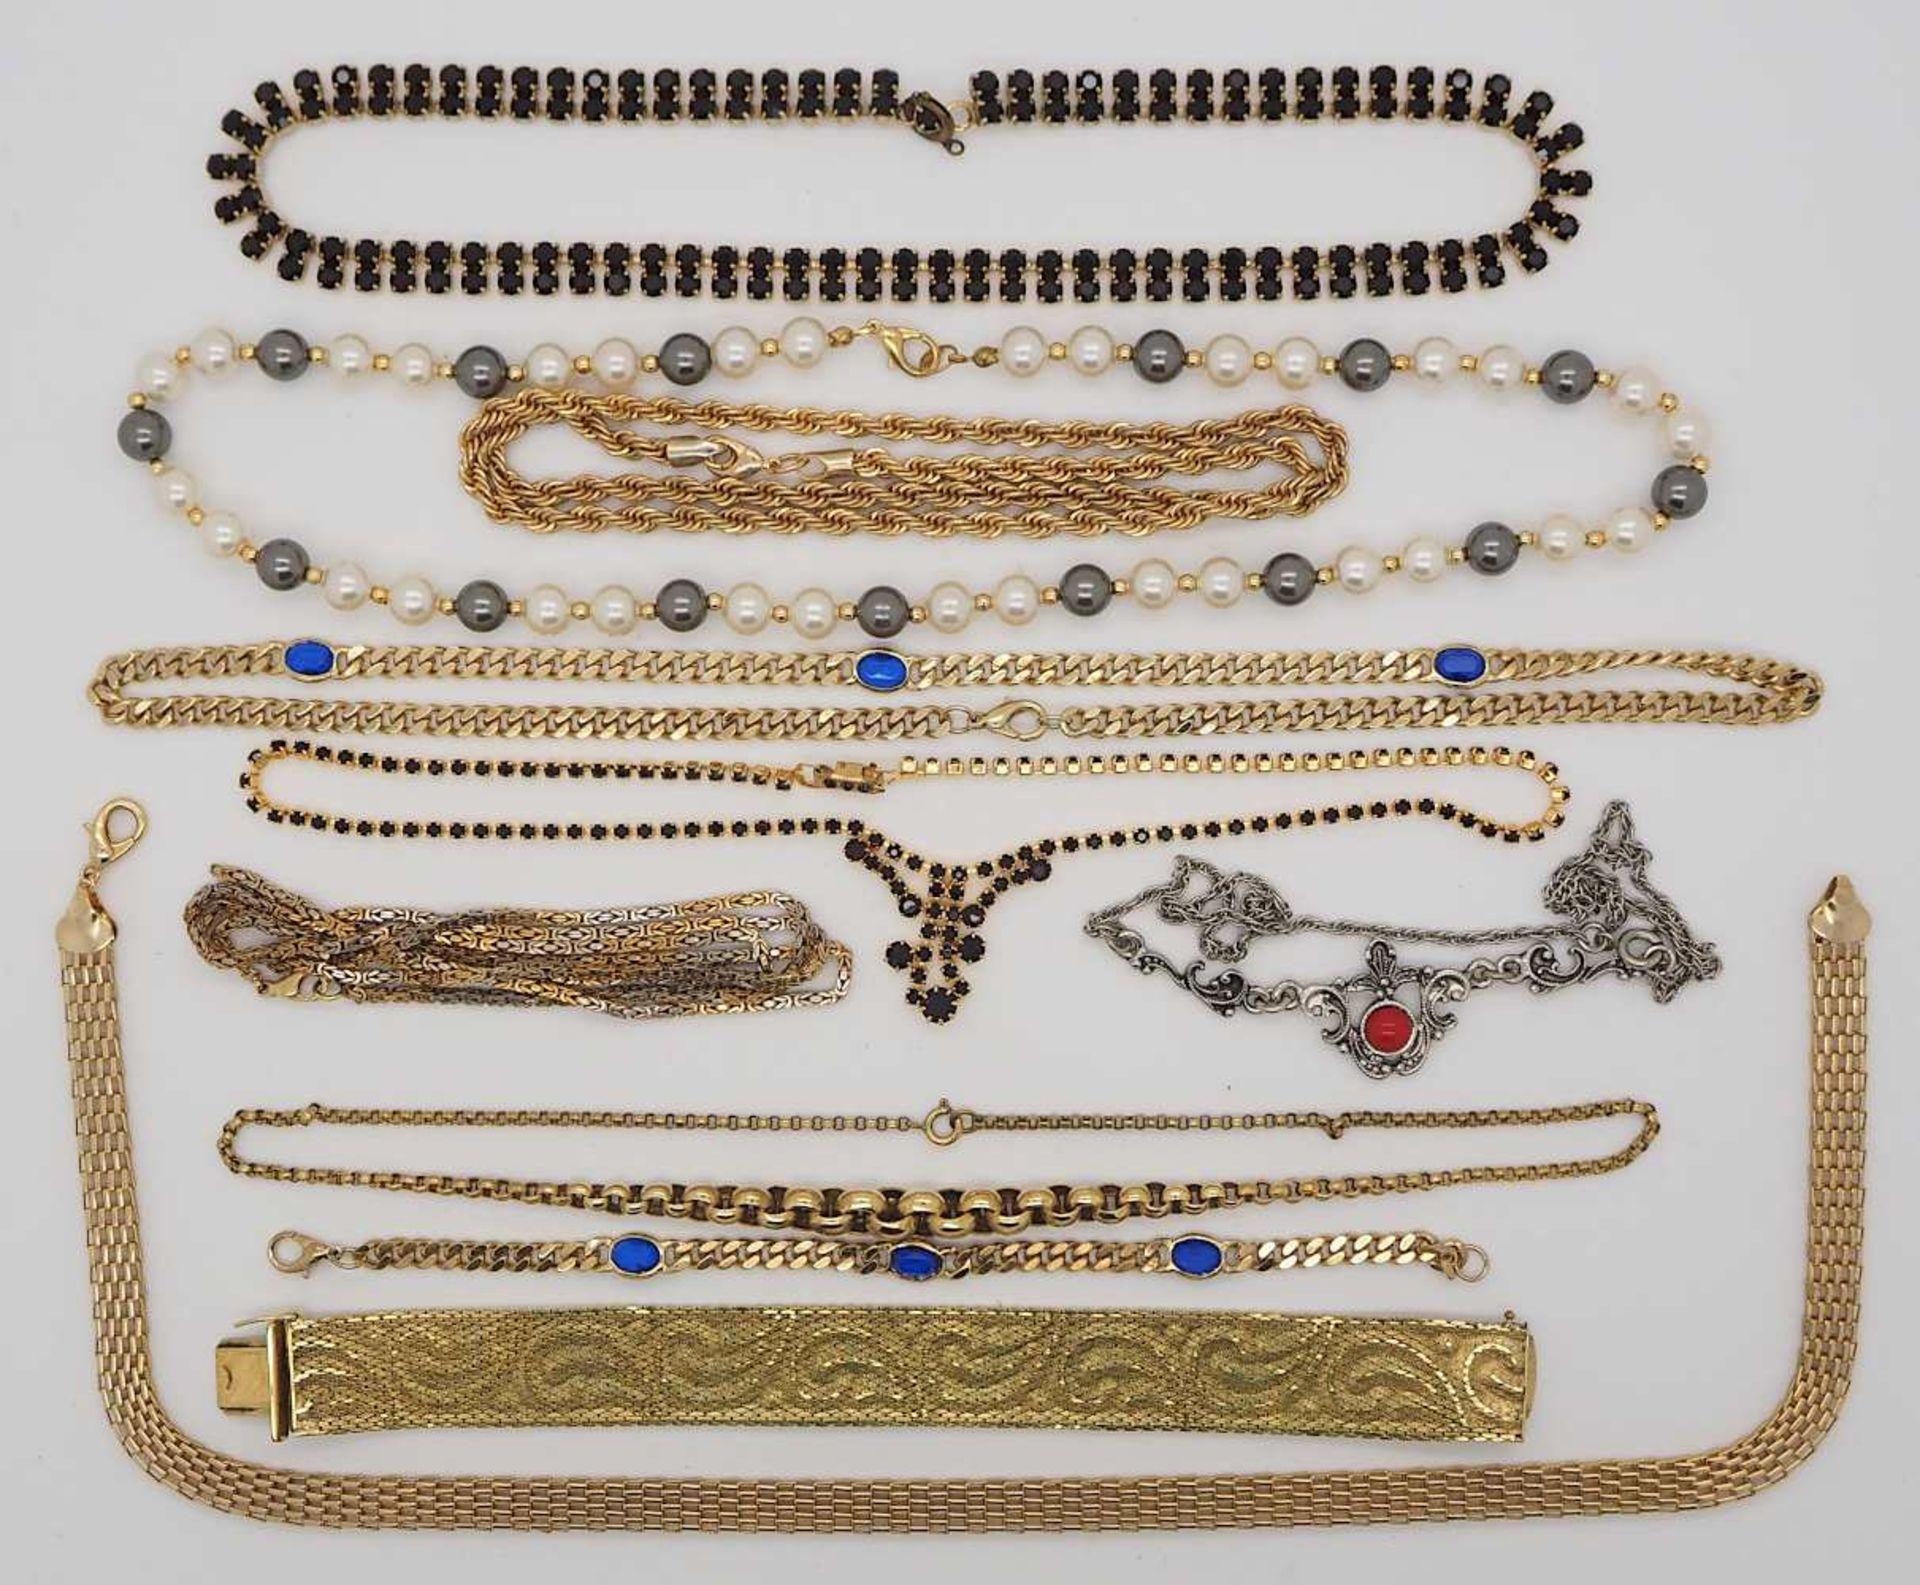 1 Konv. Schmuck GG/WG/Silber/Mode u.a. Granate, Amethyste, Korallen, Bein u.a., in der - Bild 3 aus 4